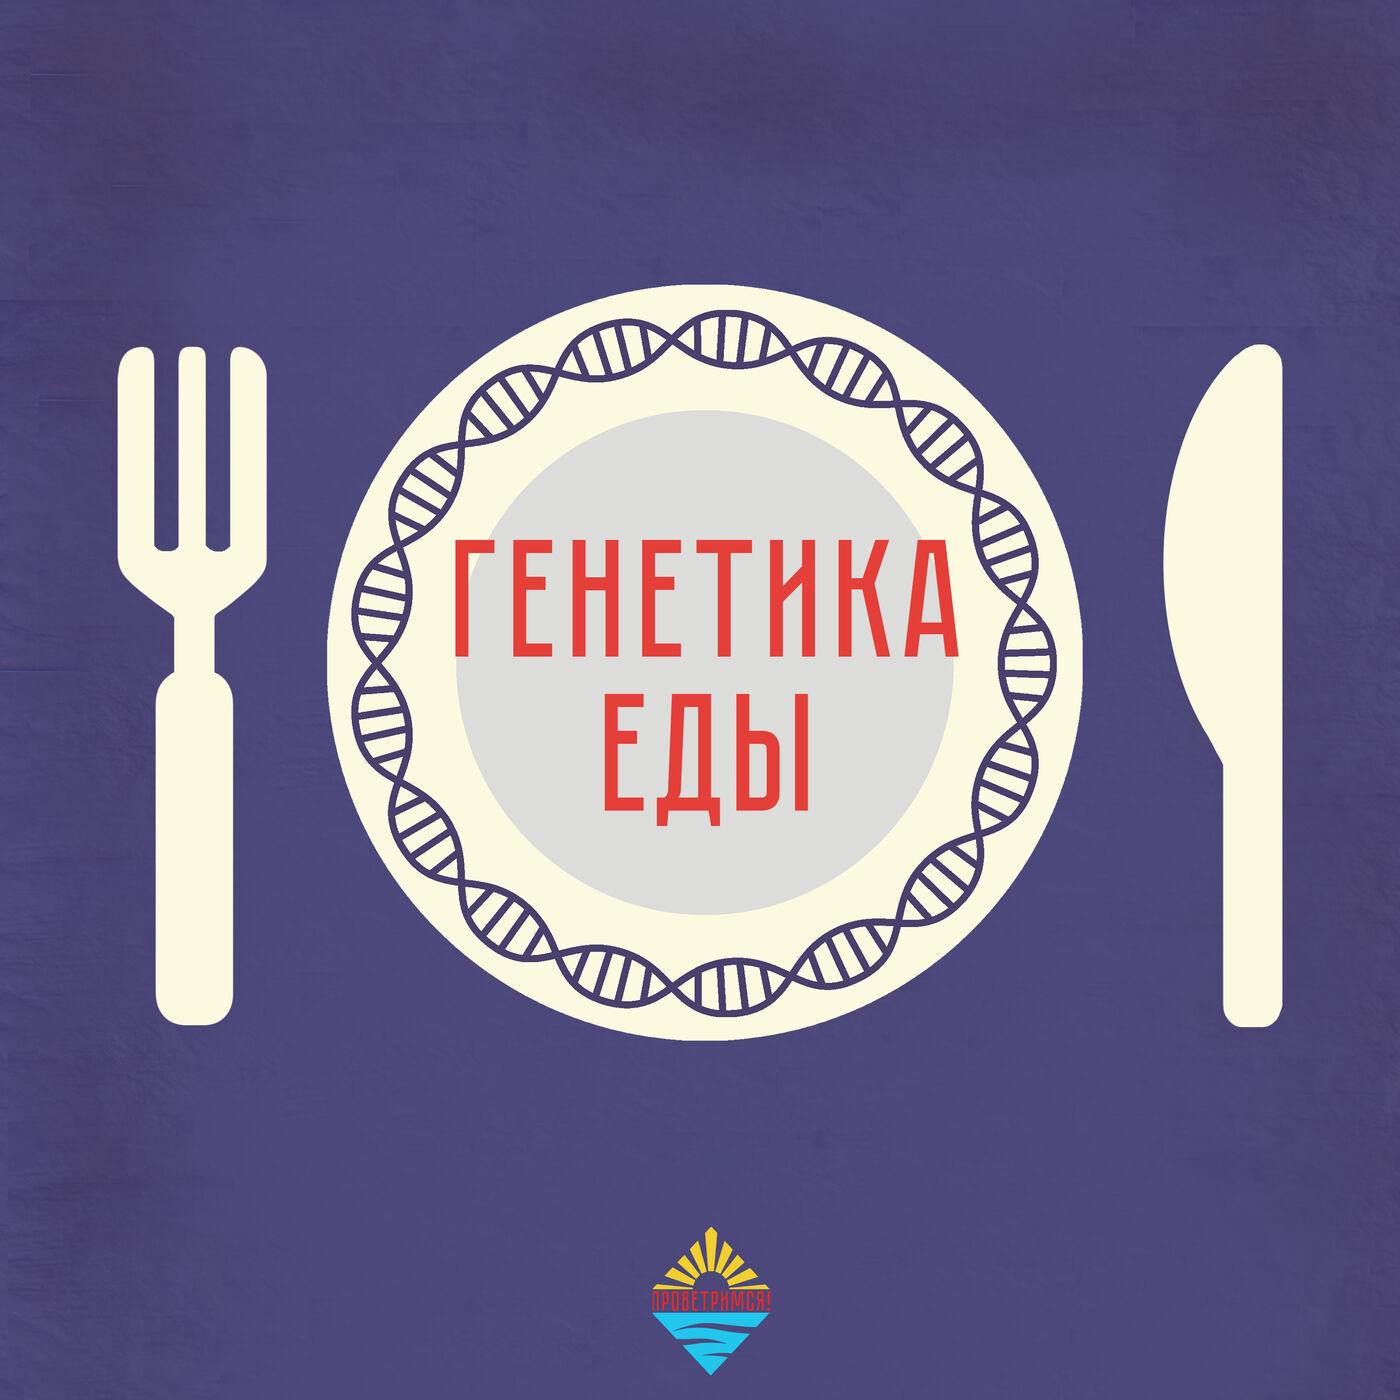 Генетика еды